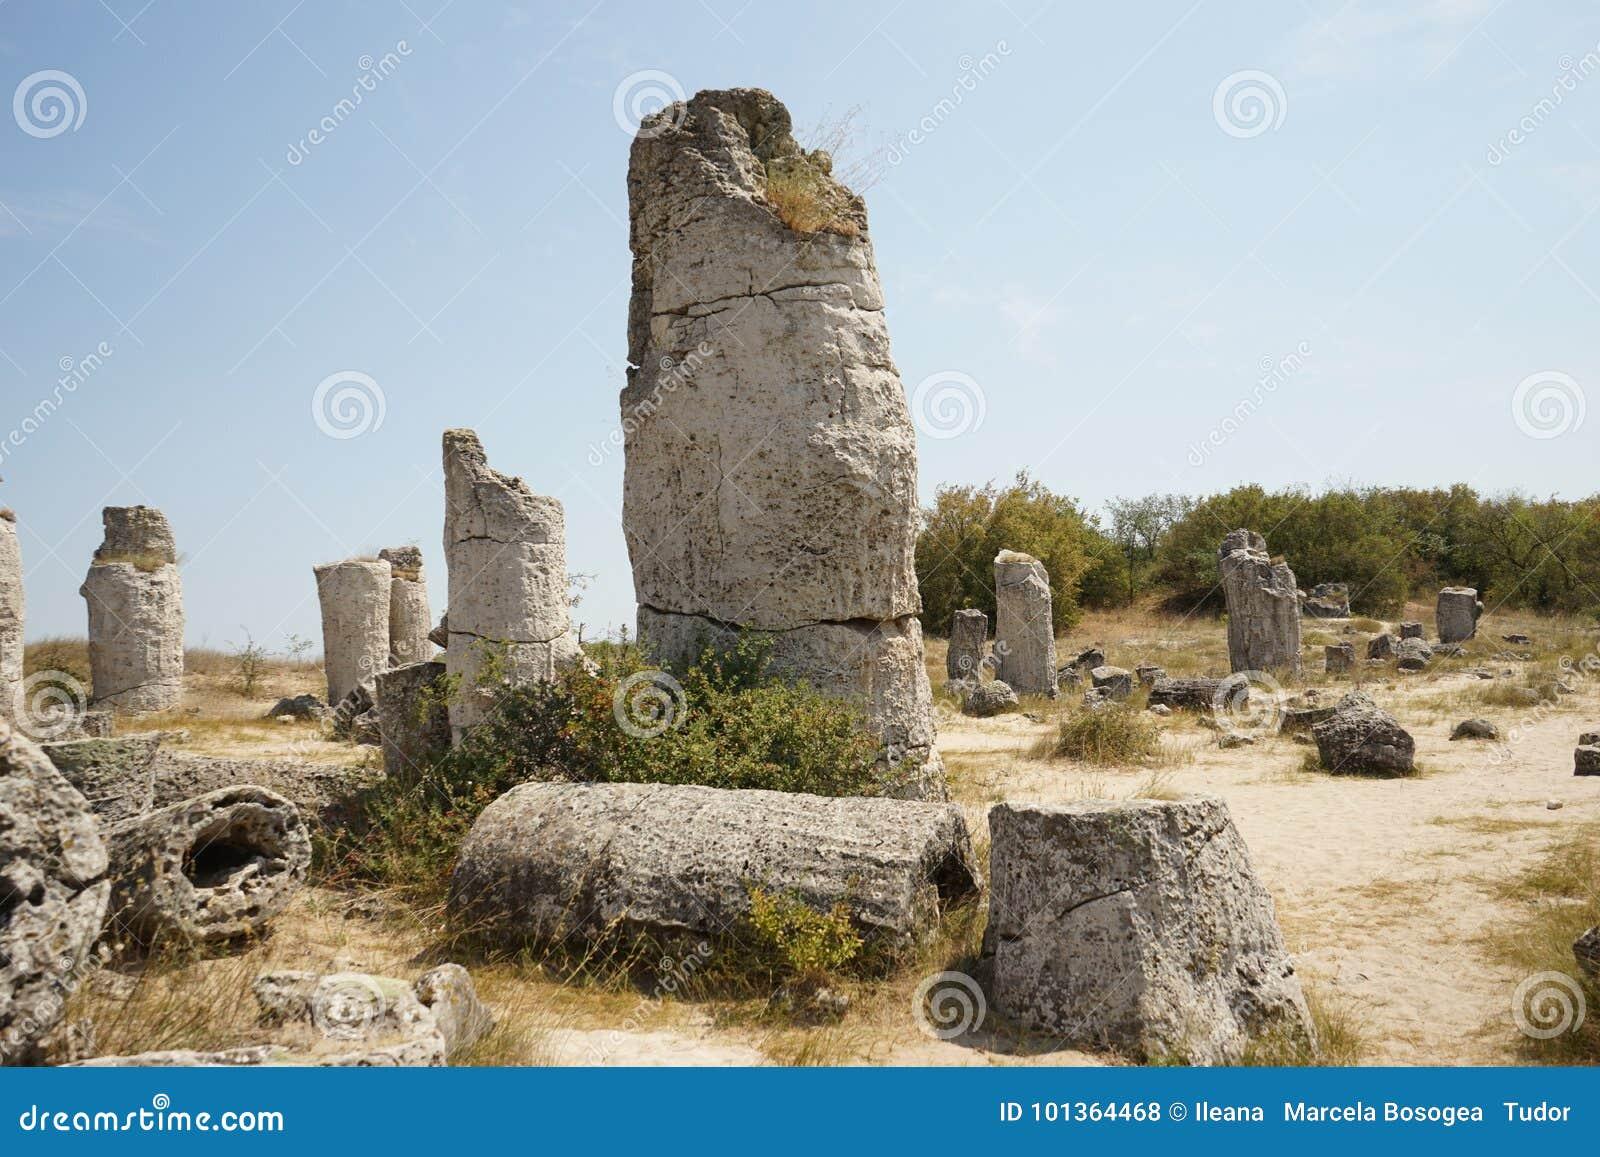 Pobiti Kamani le désert en pierre, un phénomène comme un désert de roche situé dans la Bulgarie